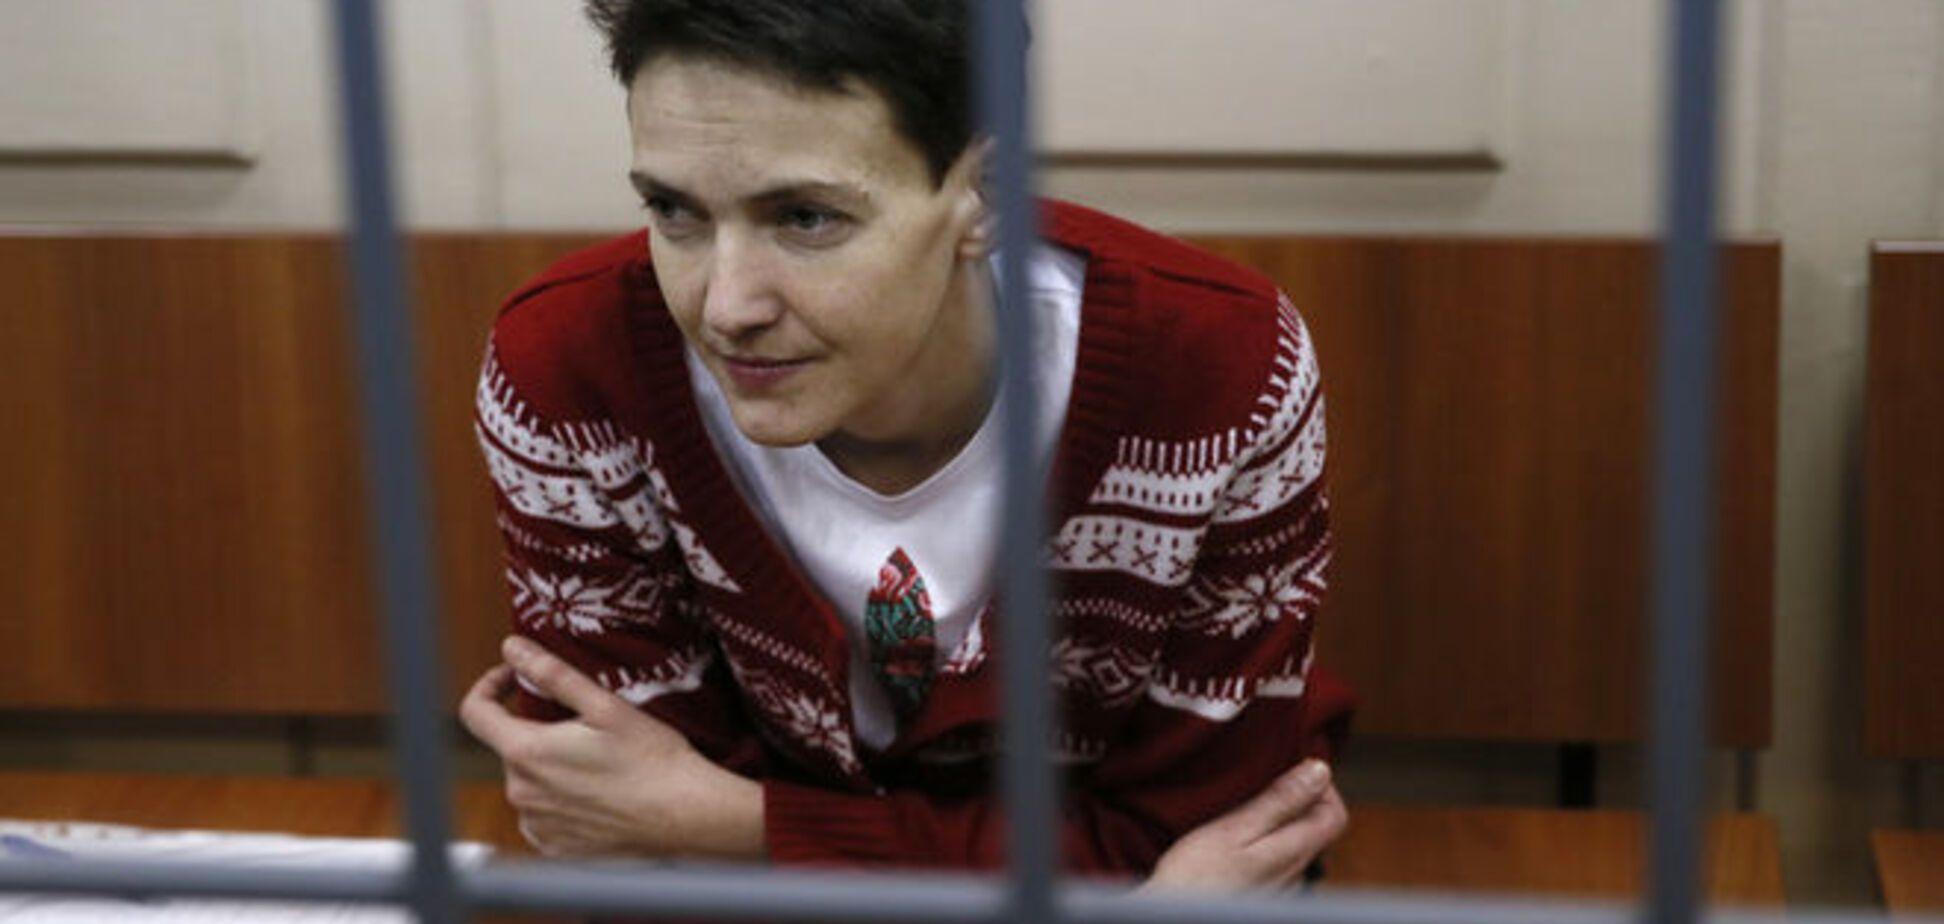 Необратимых изменений в организме Савченко не обнаружено - адвокат